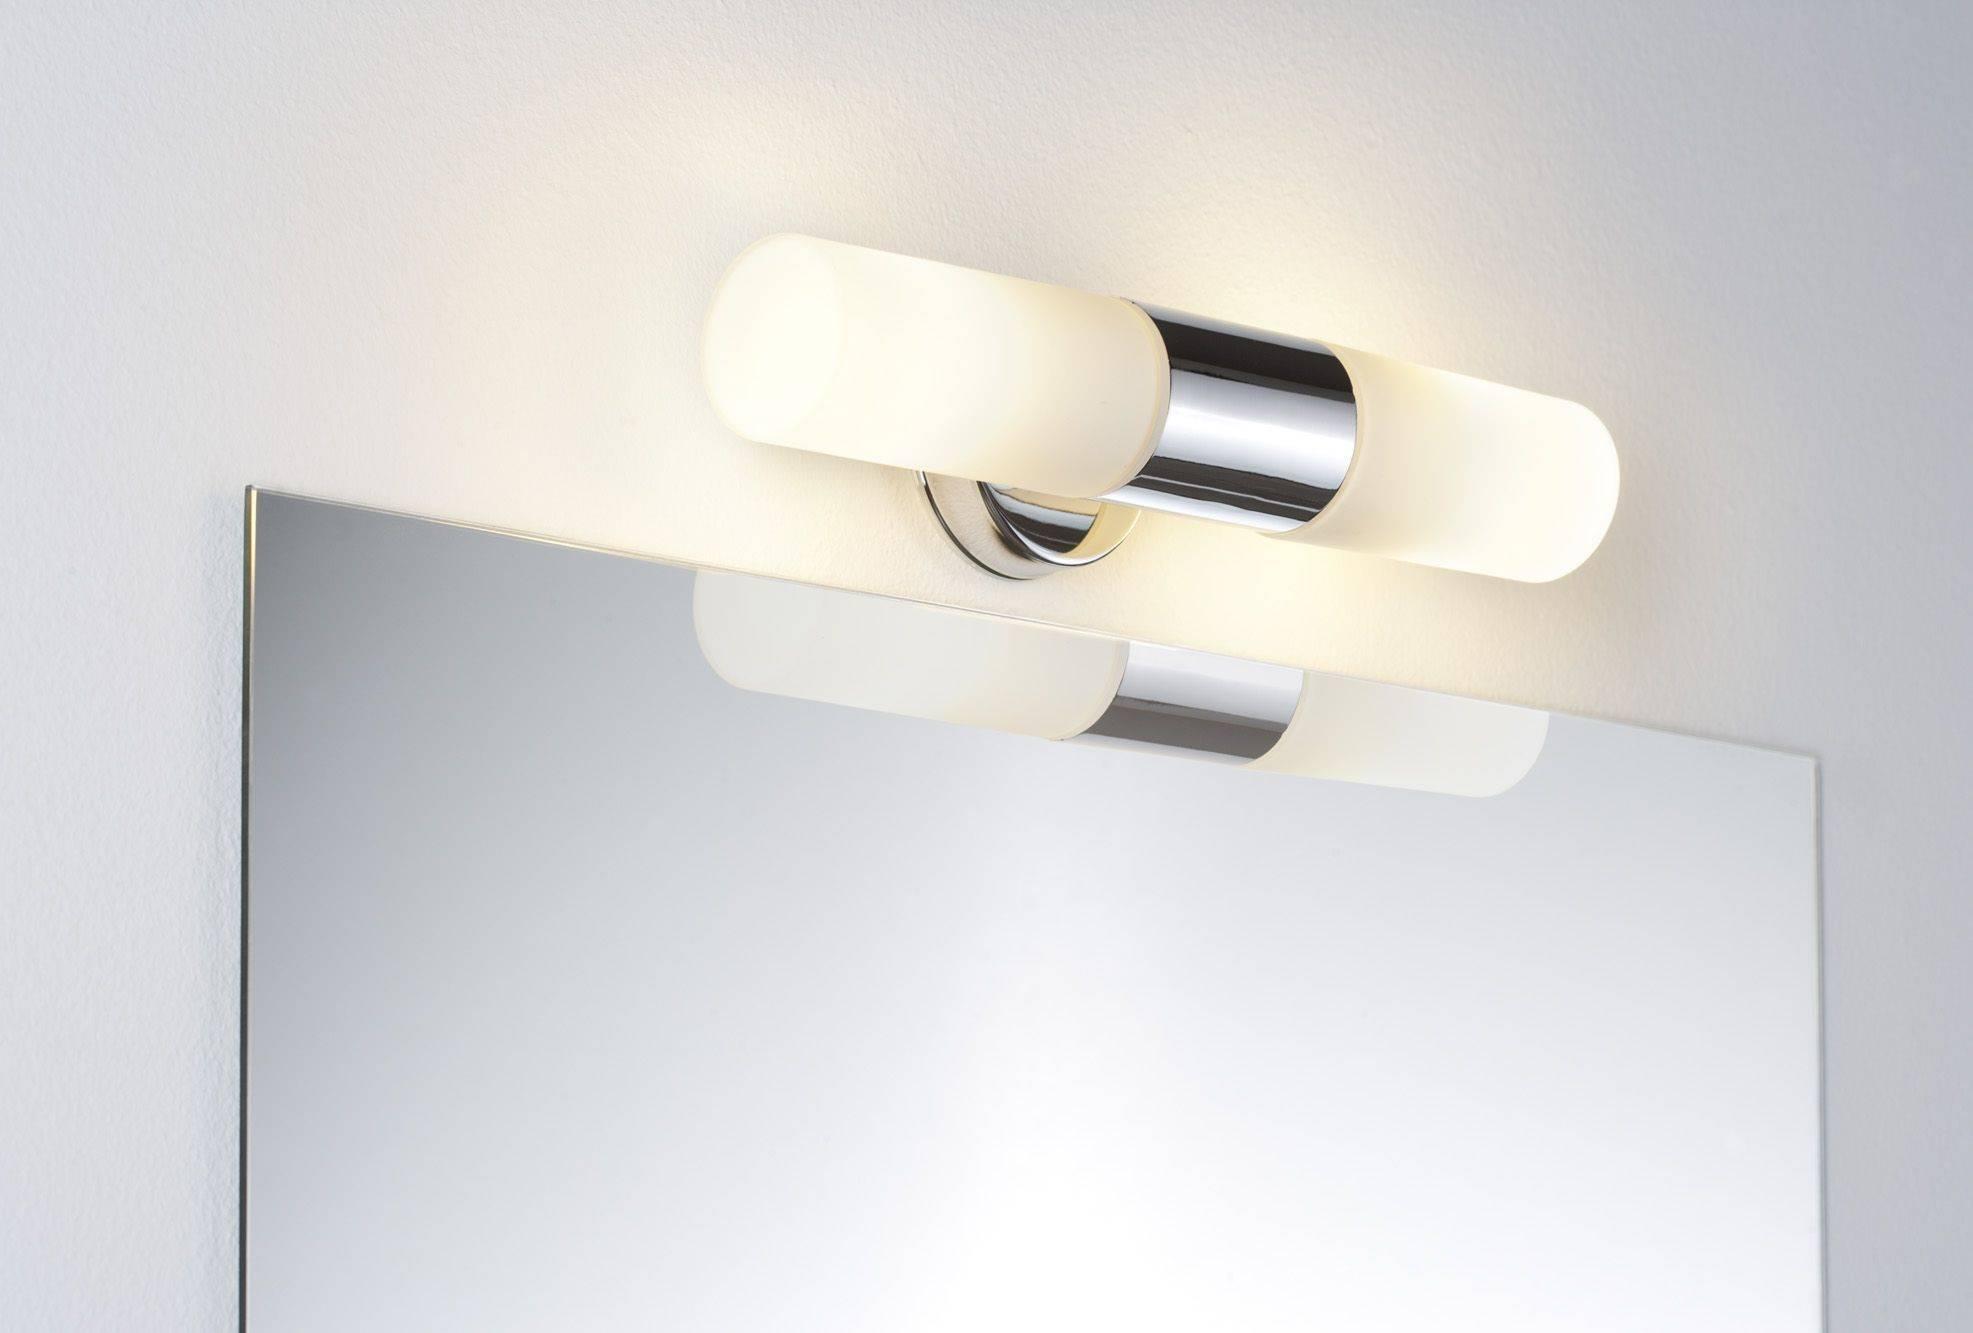 Настенные светильники для ванной с влагозащищенными характеристиками, виды и особенности устройств